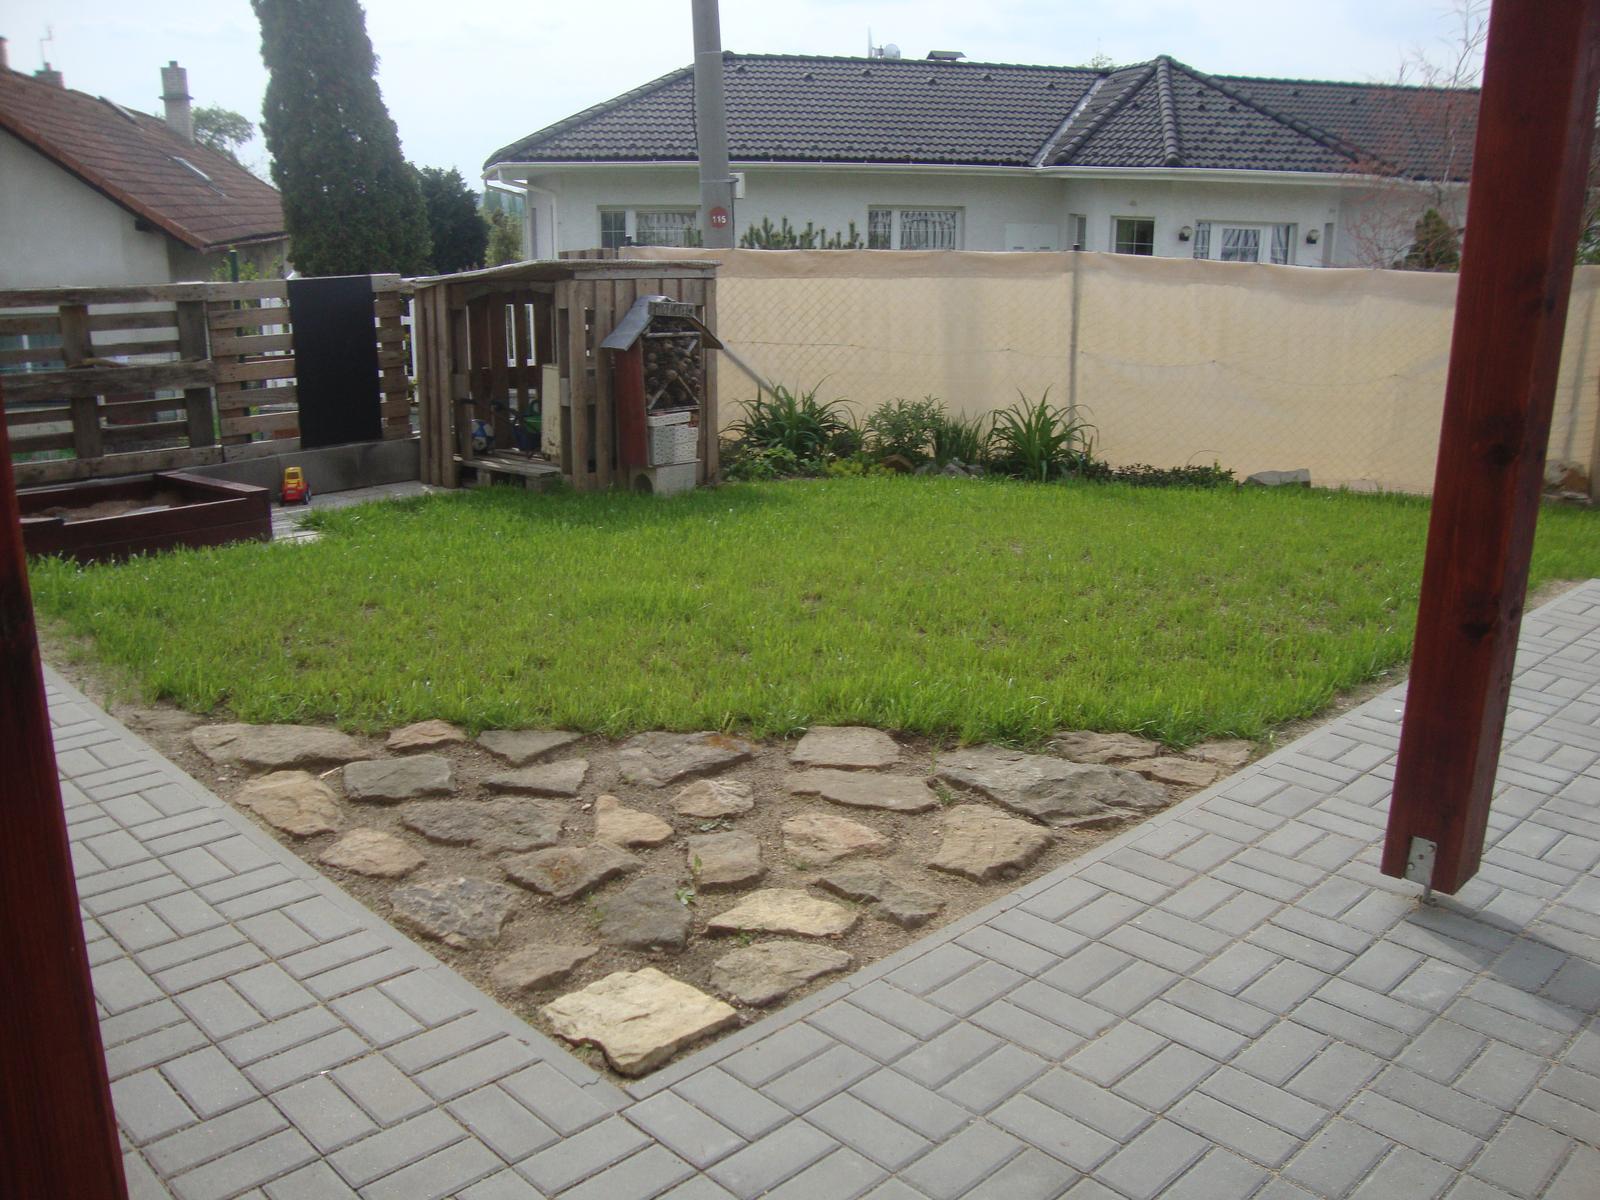 Venku (tam kde už to nevypadá jako staveniště) - k plotu plánuji zasadit ještě nějaké stromky